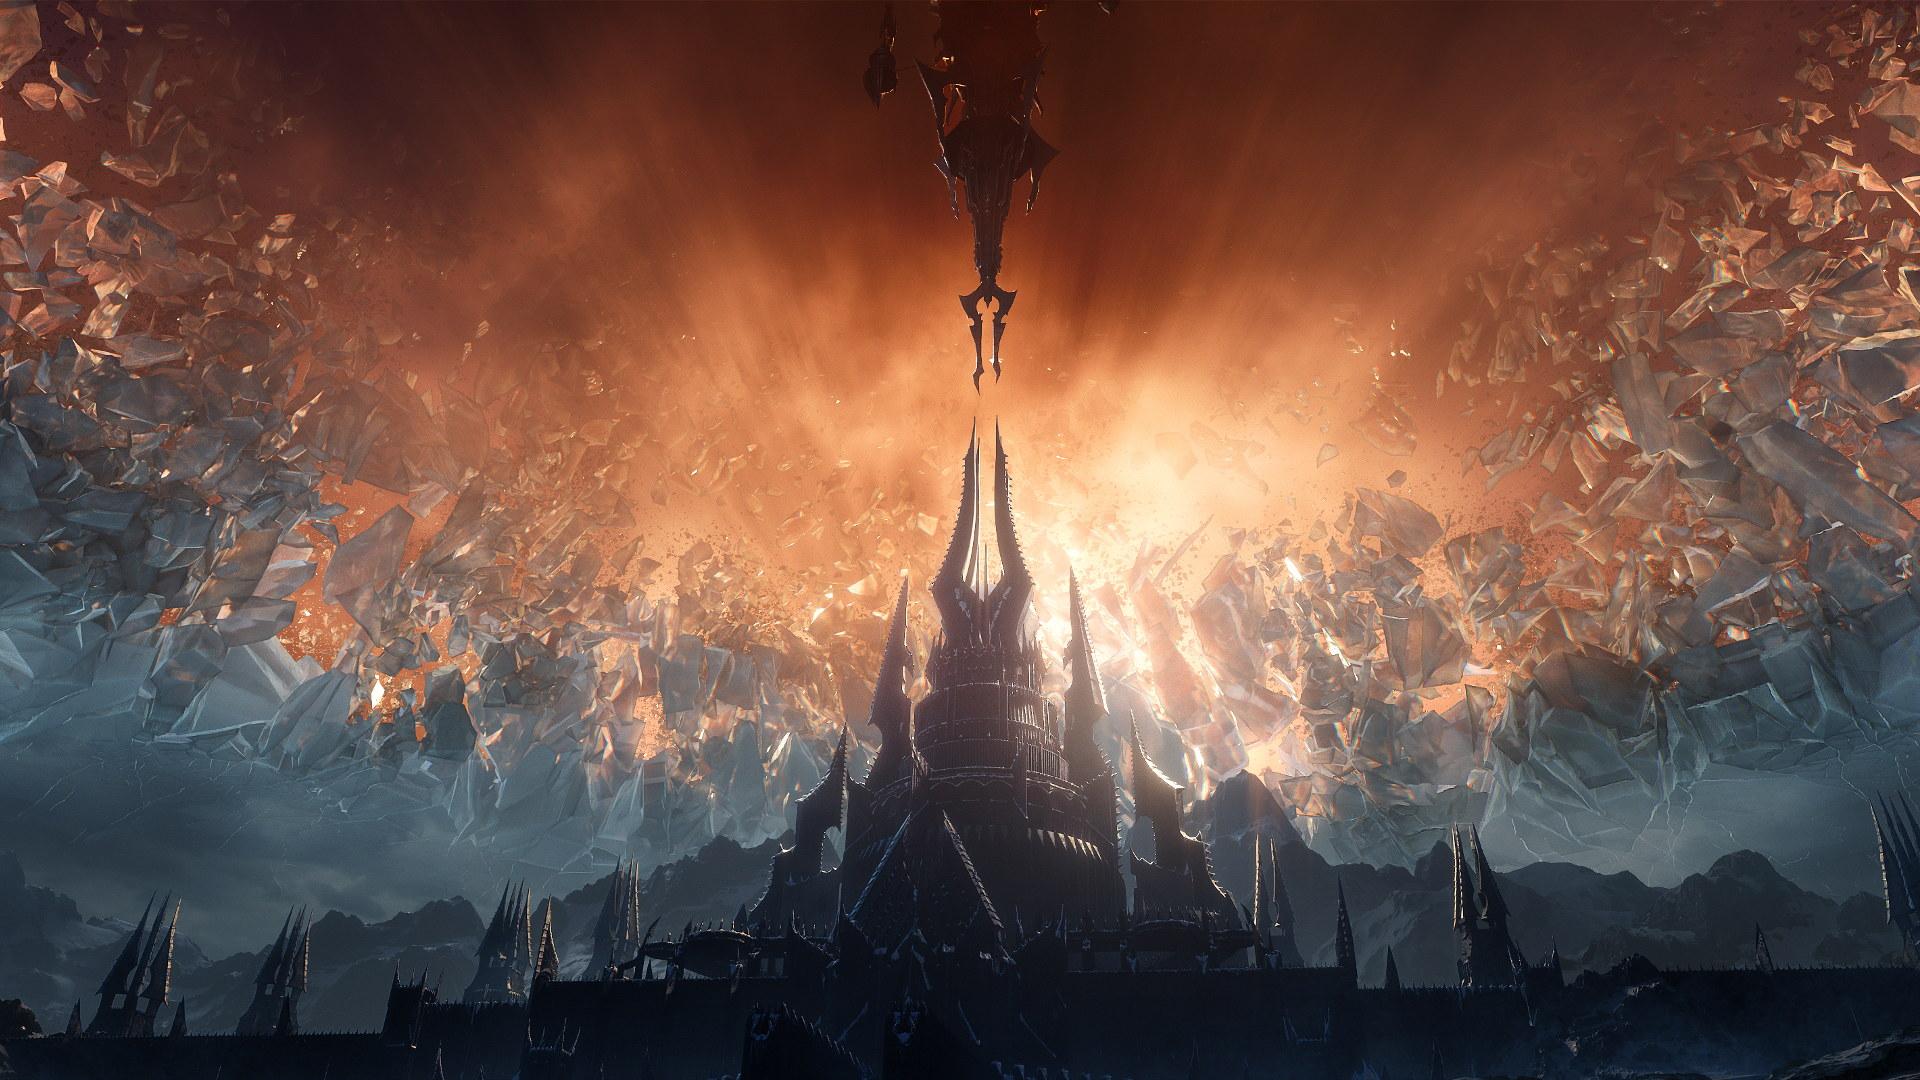 https://assets.rockpapershotgun.com/images/2019/11/world-of-warcraft-shadowlands-cinematic.jpg